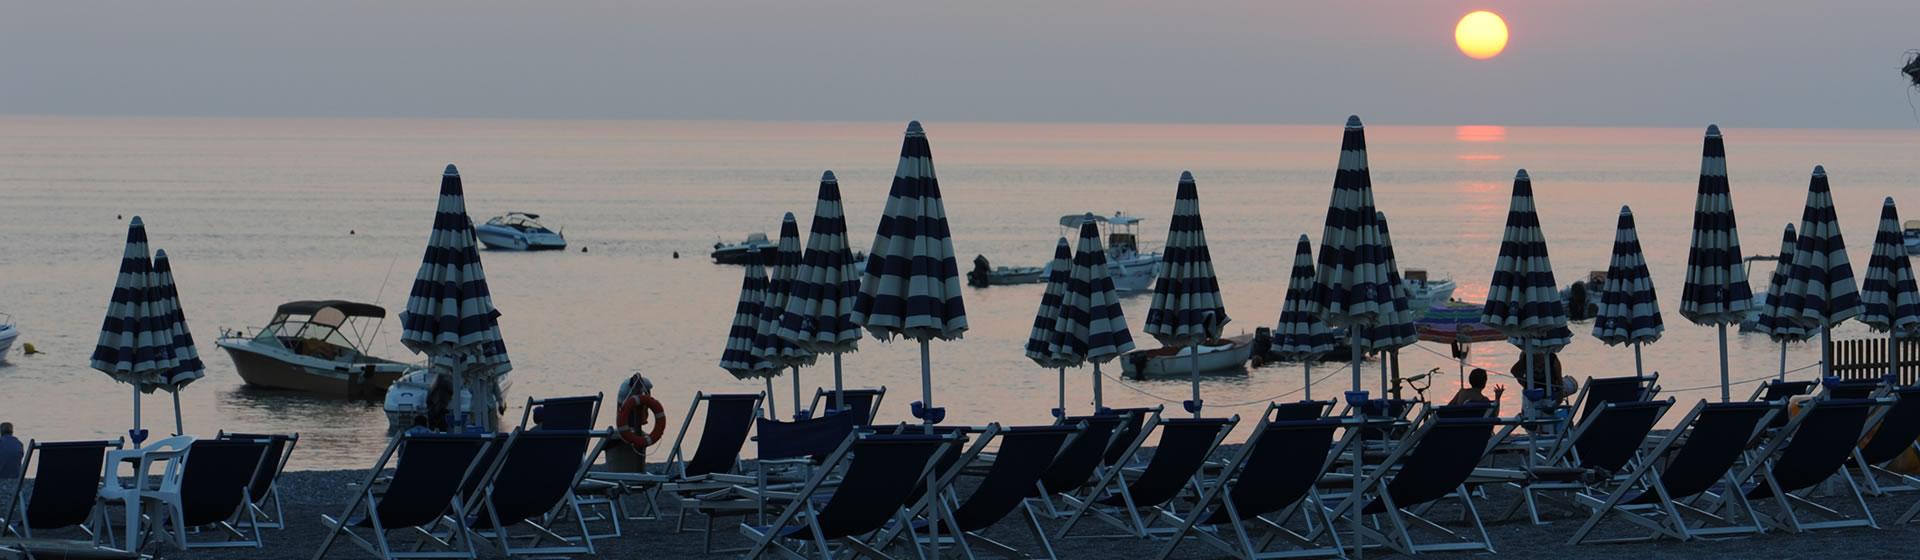 hotel talao scalea albergo 3 stelle pensione completa spiaggia